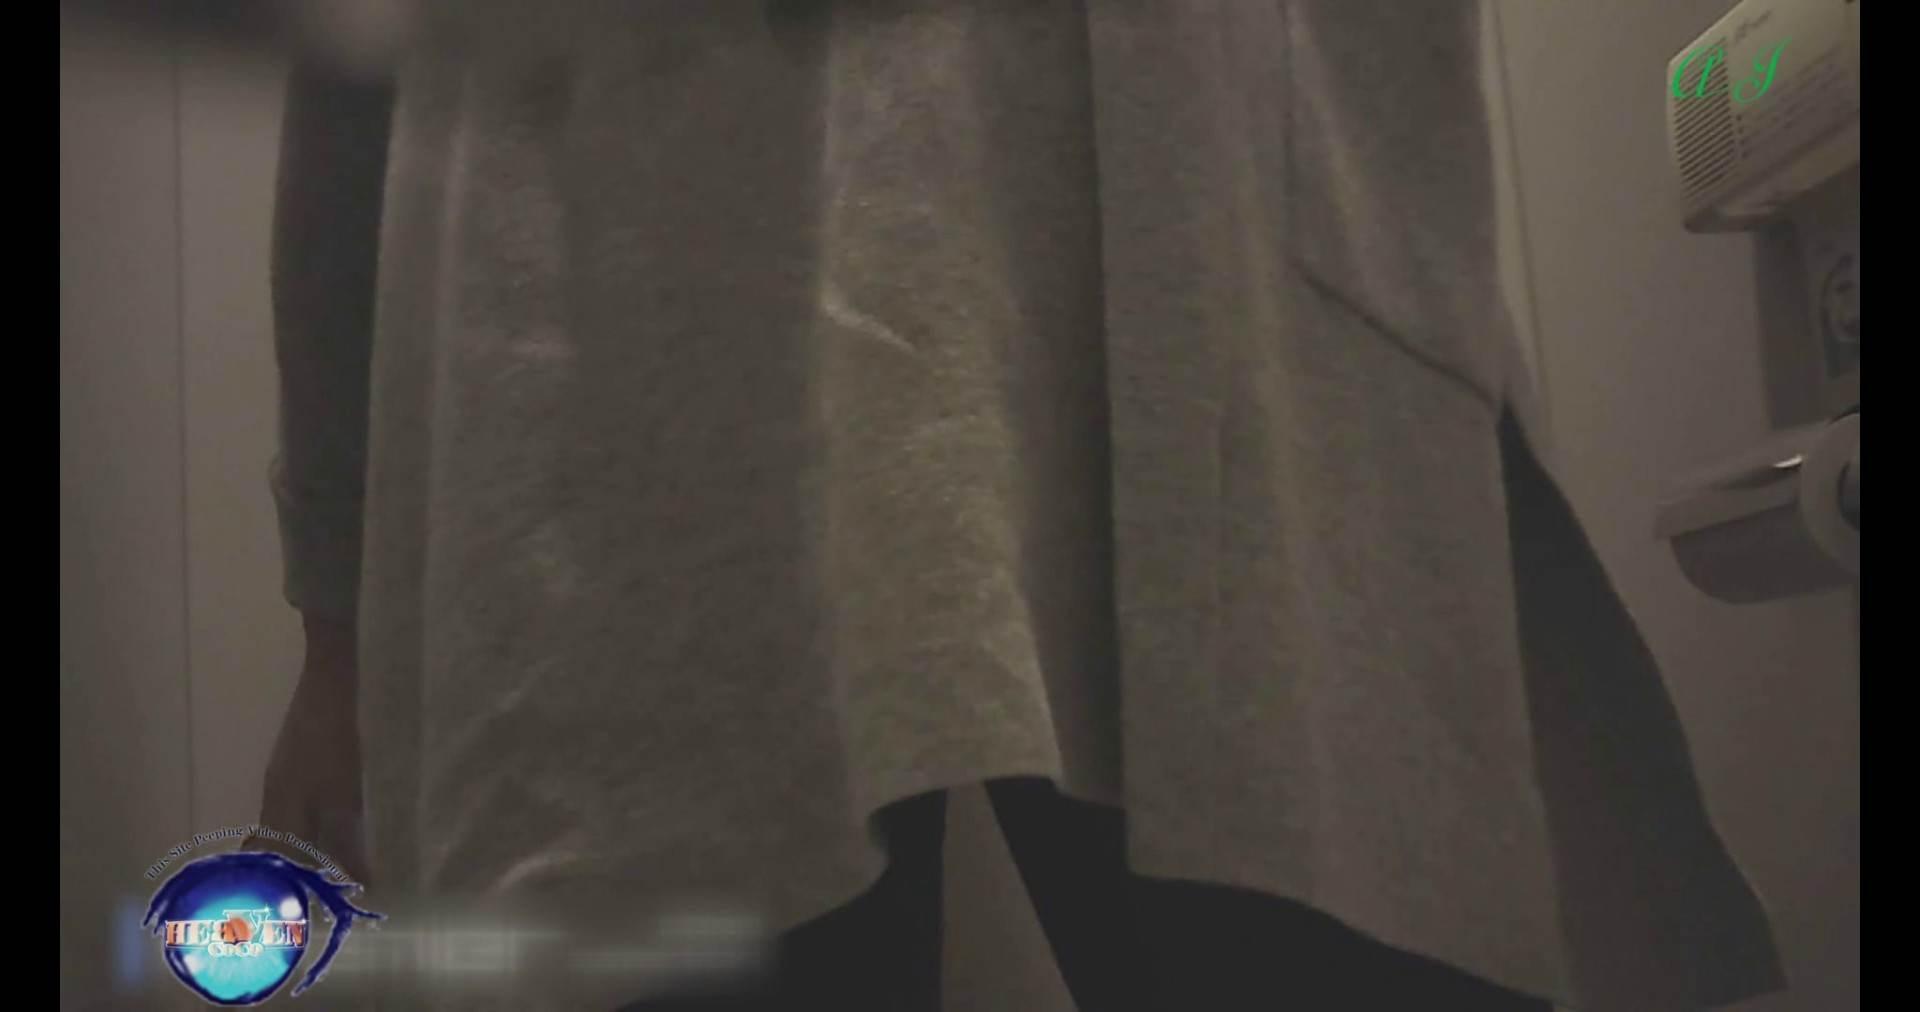 【某有名大学女性洗面所】有名大学女性洗面所 vol.74 前編 洗面所突入   和式トイレ  77pic 49